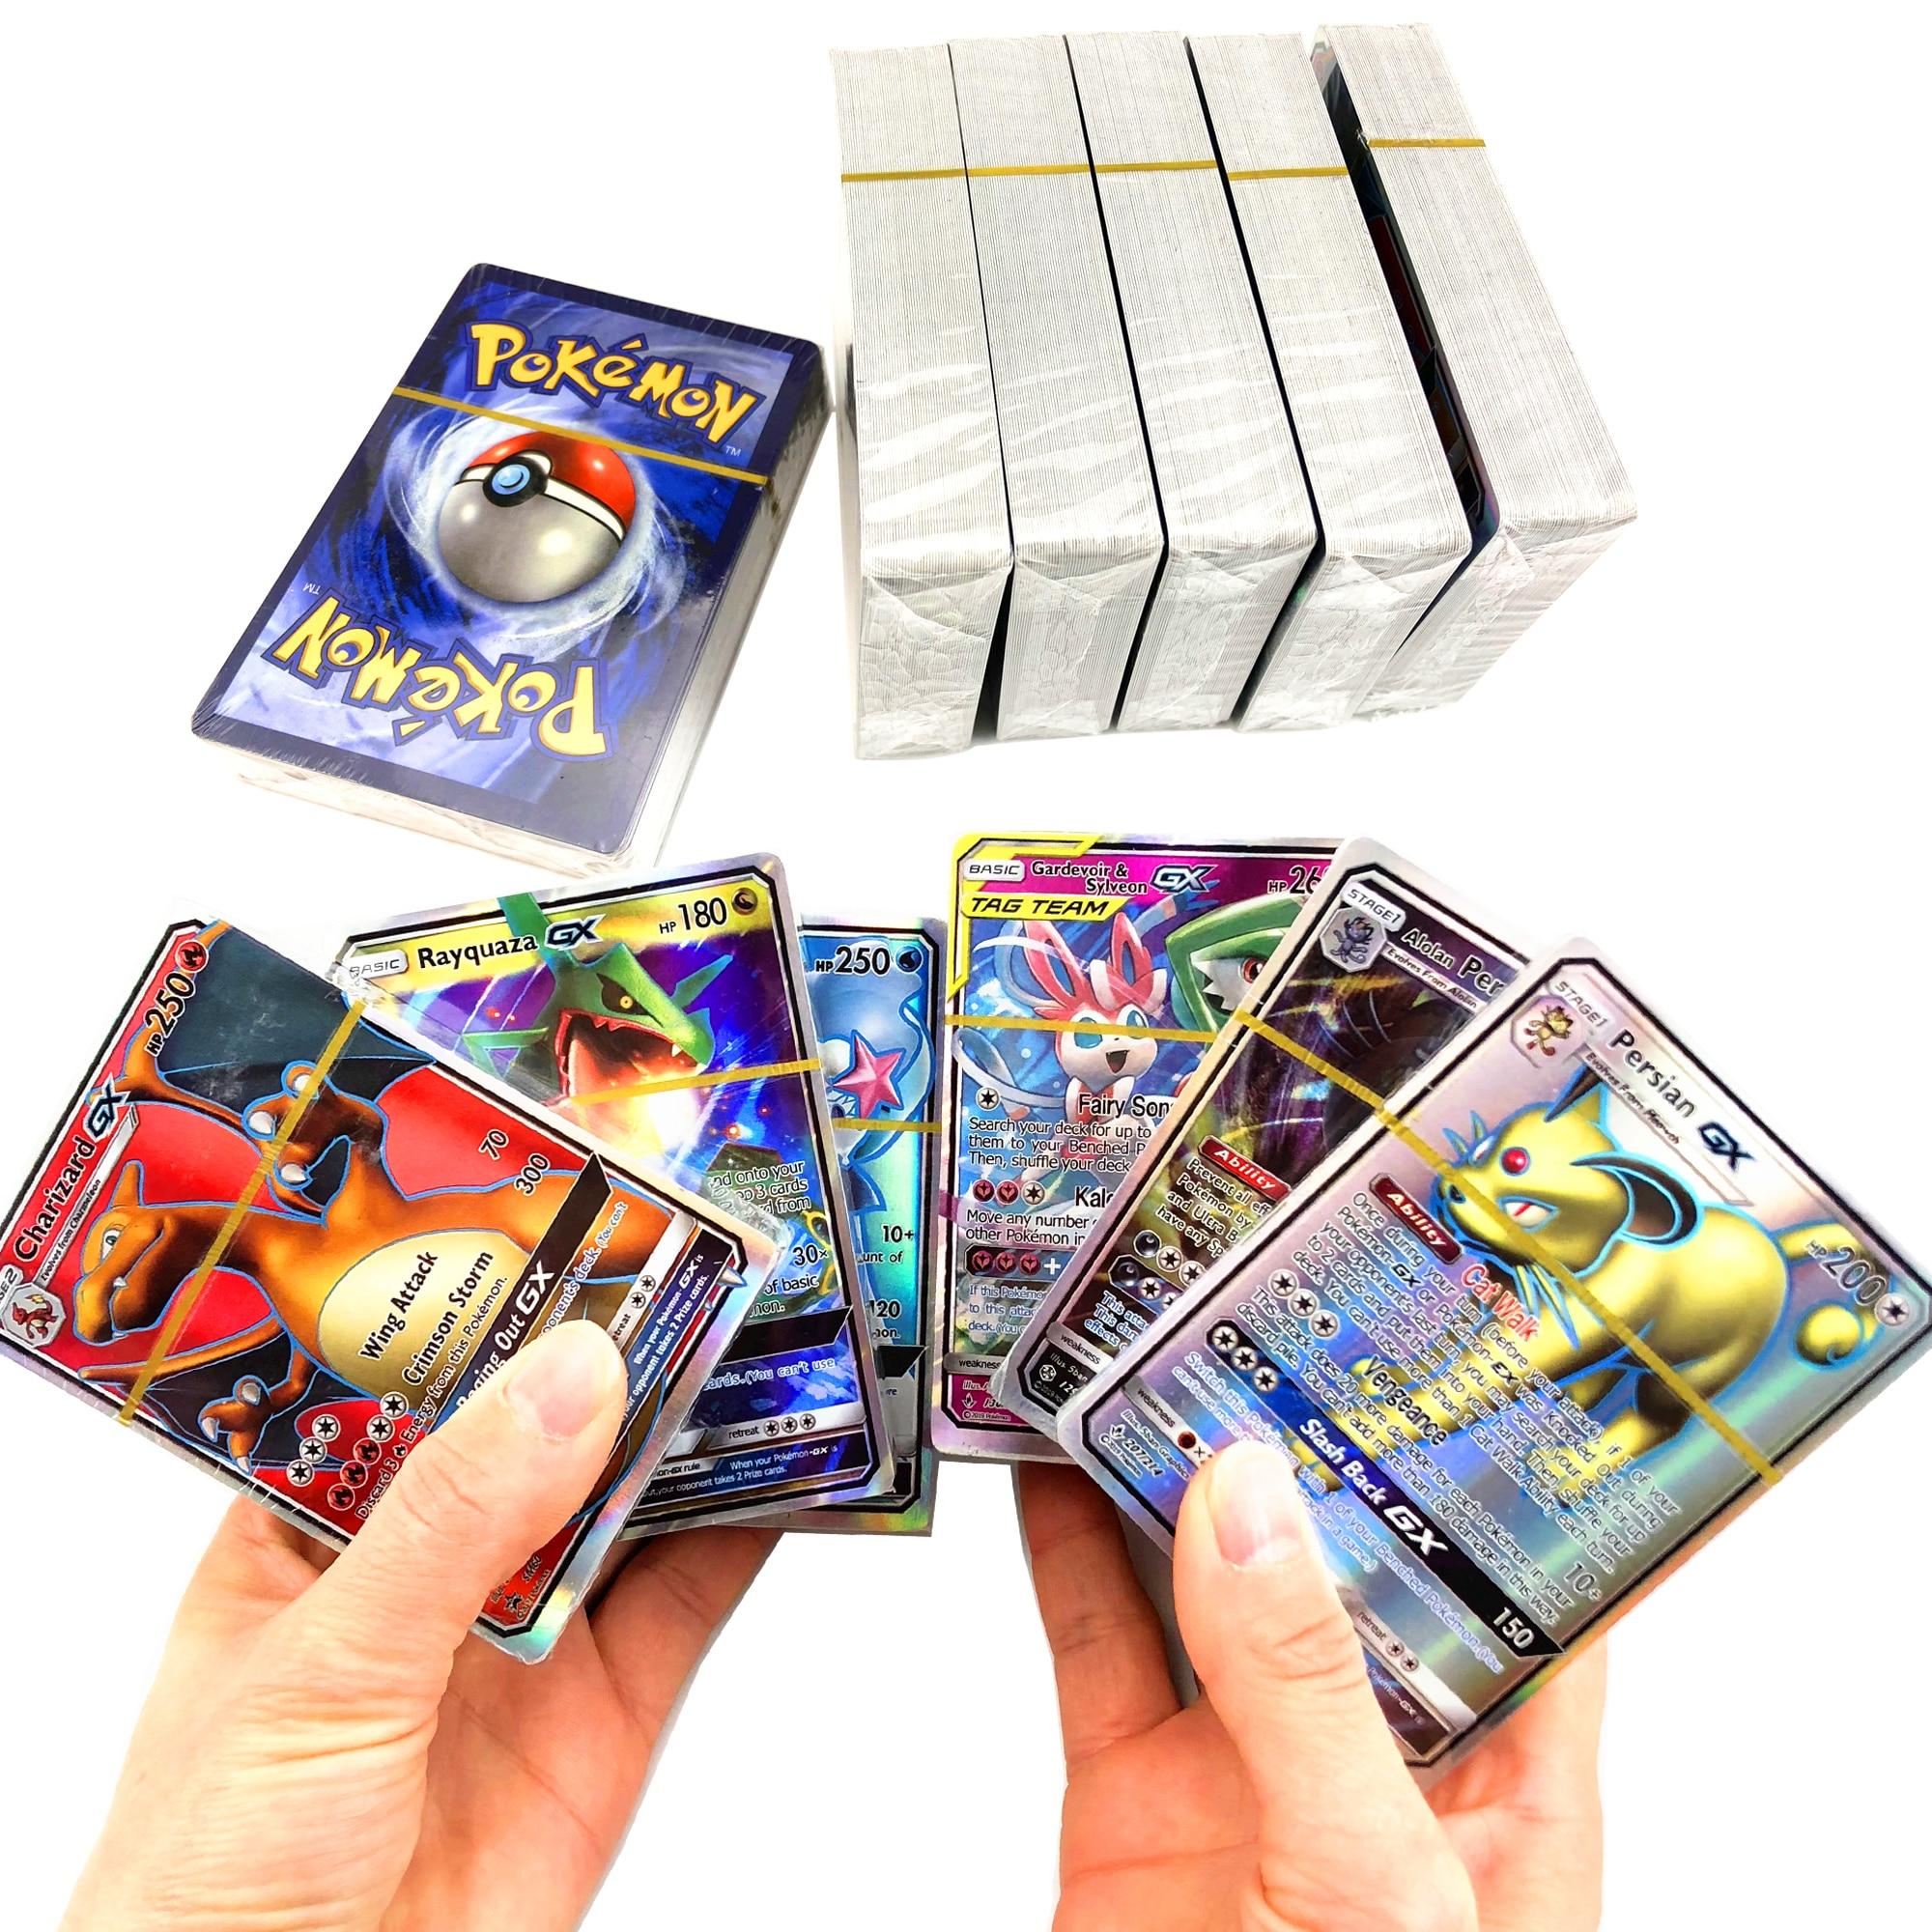 300 pces nenhuma repetição pokemones cartão gx tag equipe ex mega shinny jogo de cartas batalha carte negociação crianças brinquedo